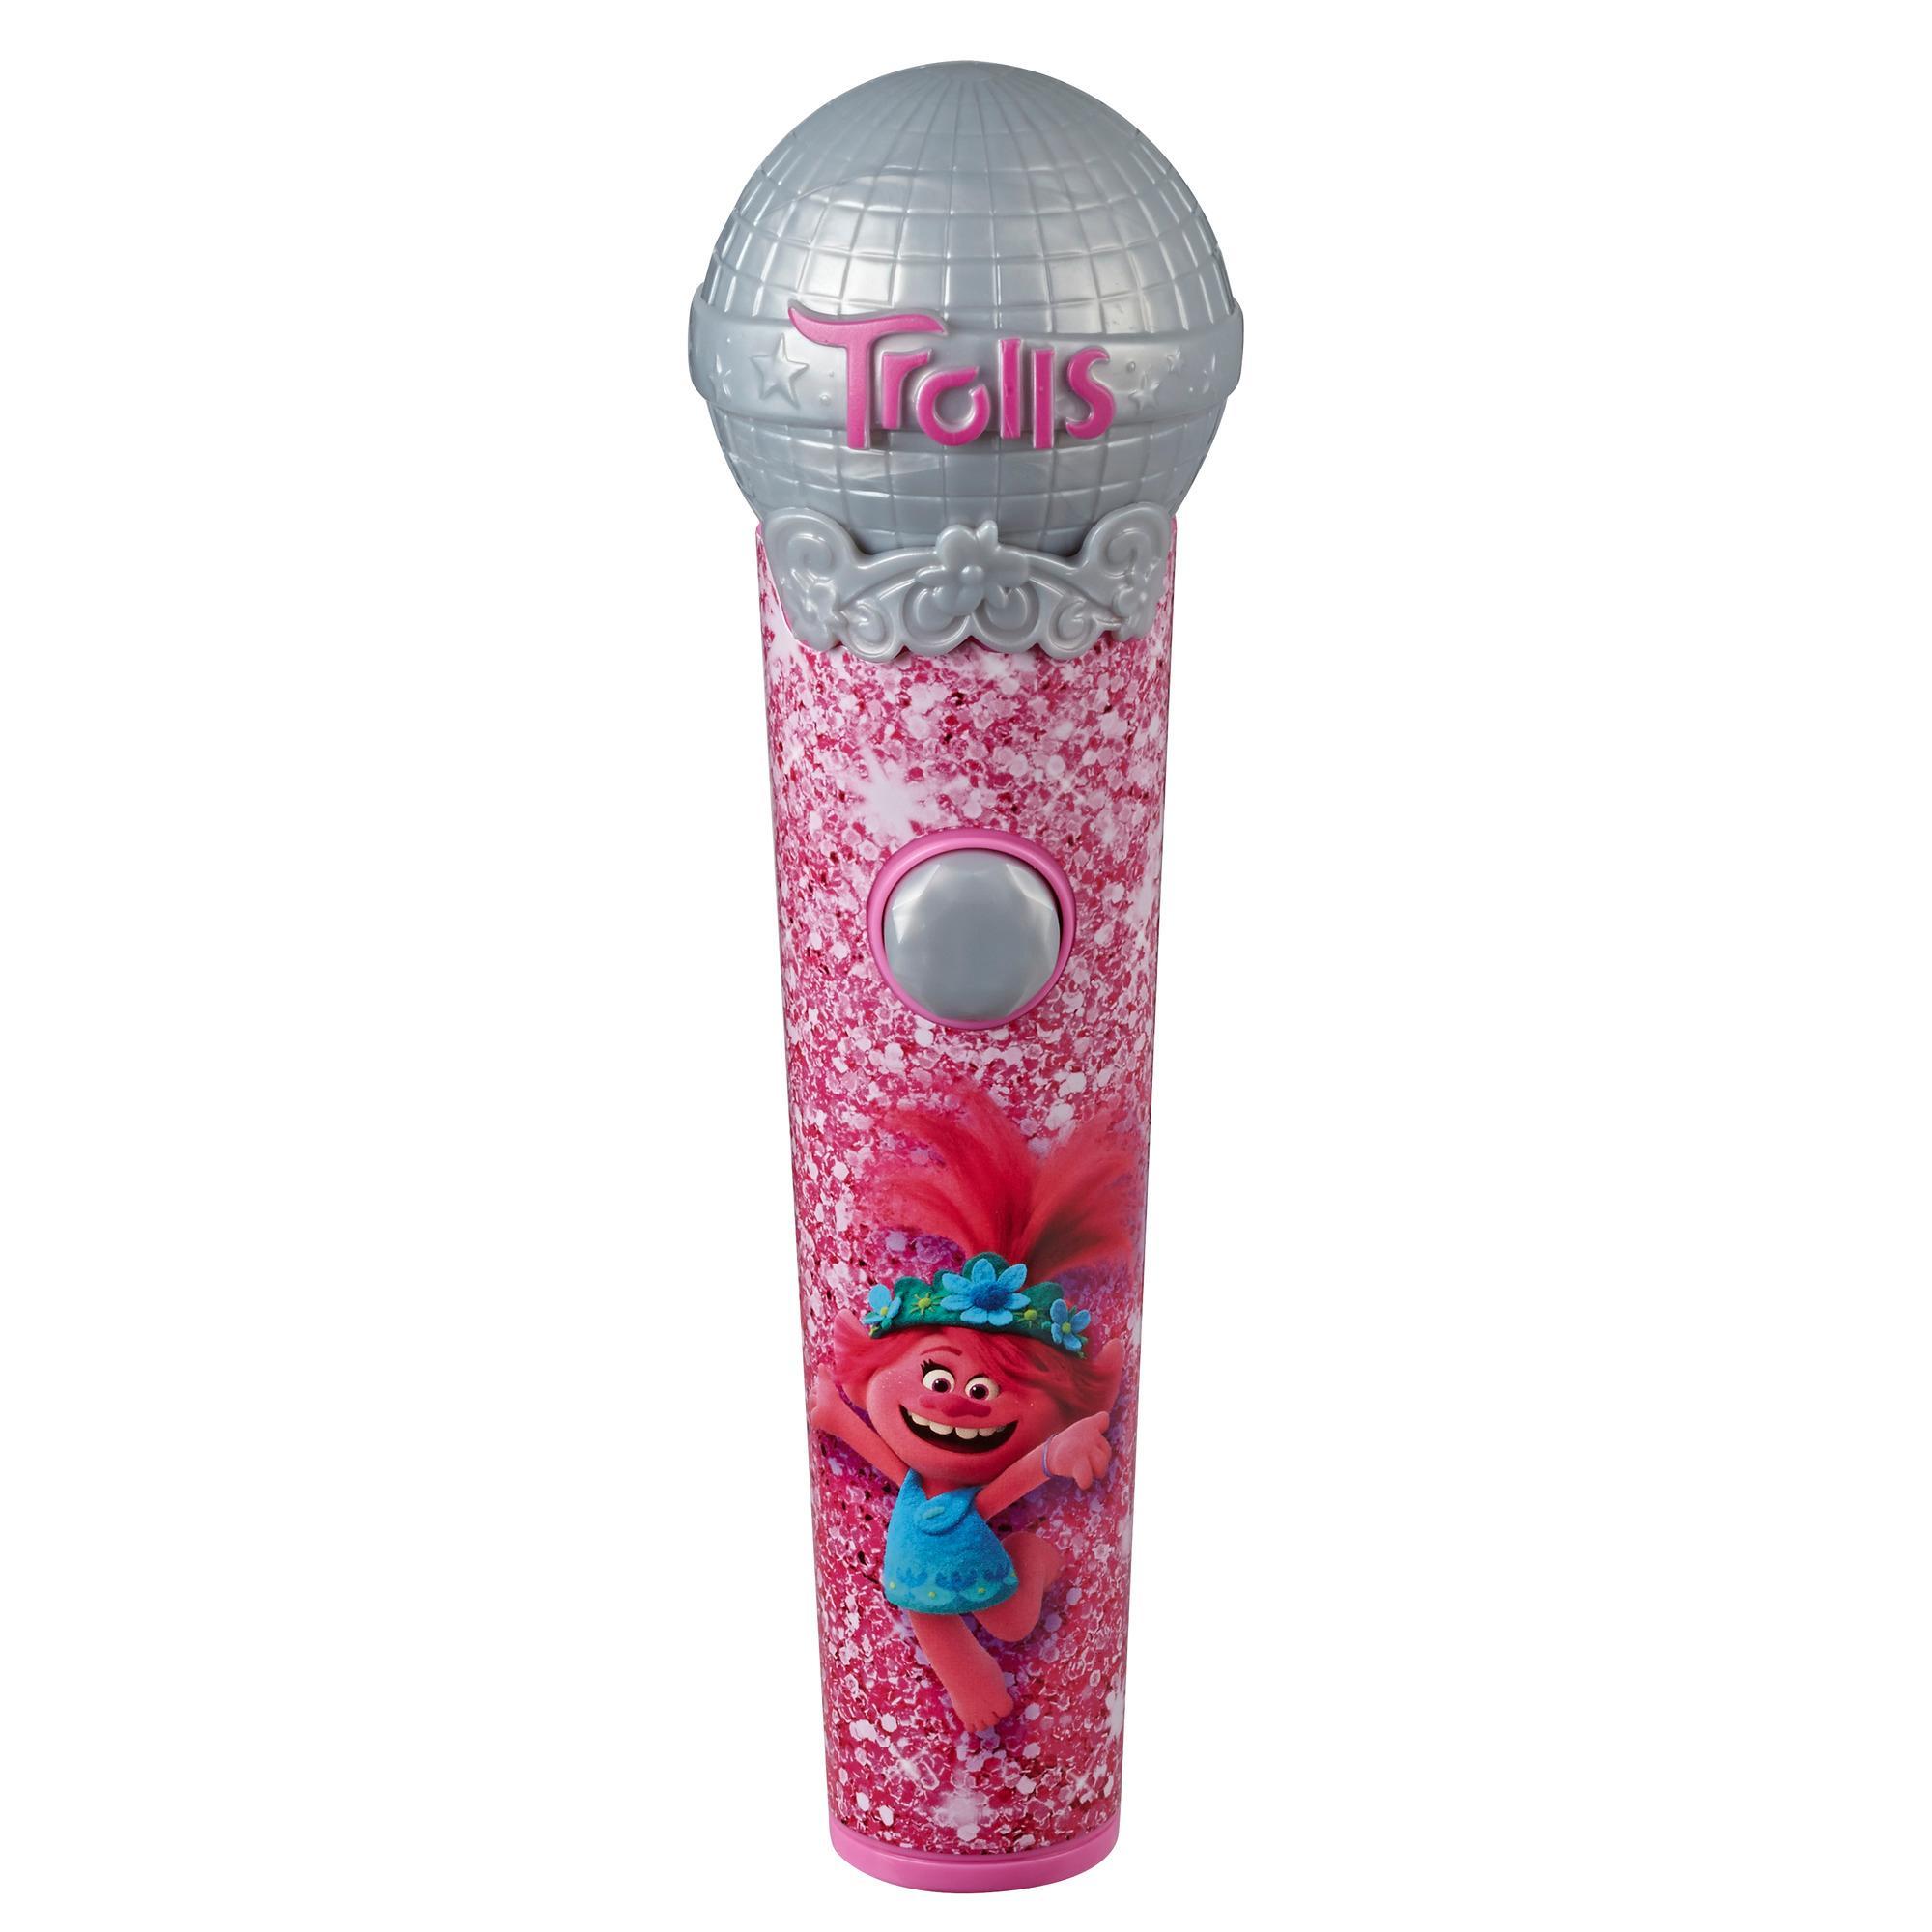 Trolls da DreamWorks Microfone da Poppy - Brinquedo musical com luz e som. Toca 5 músicas do filme Trolls World Tour